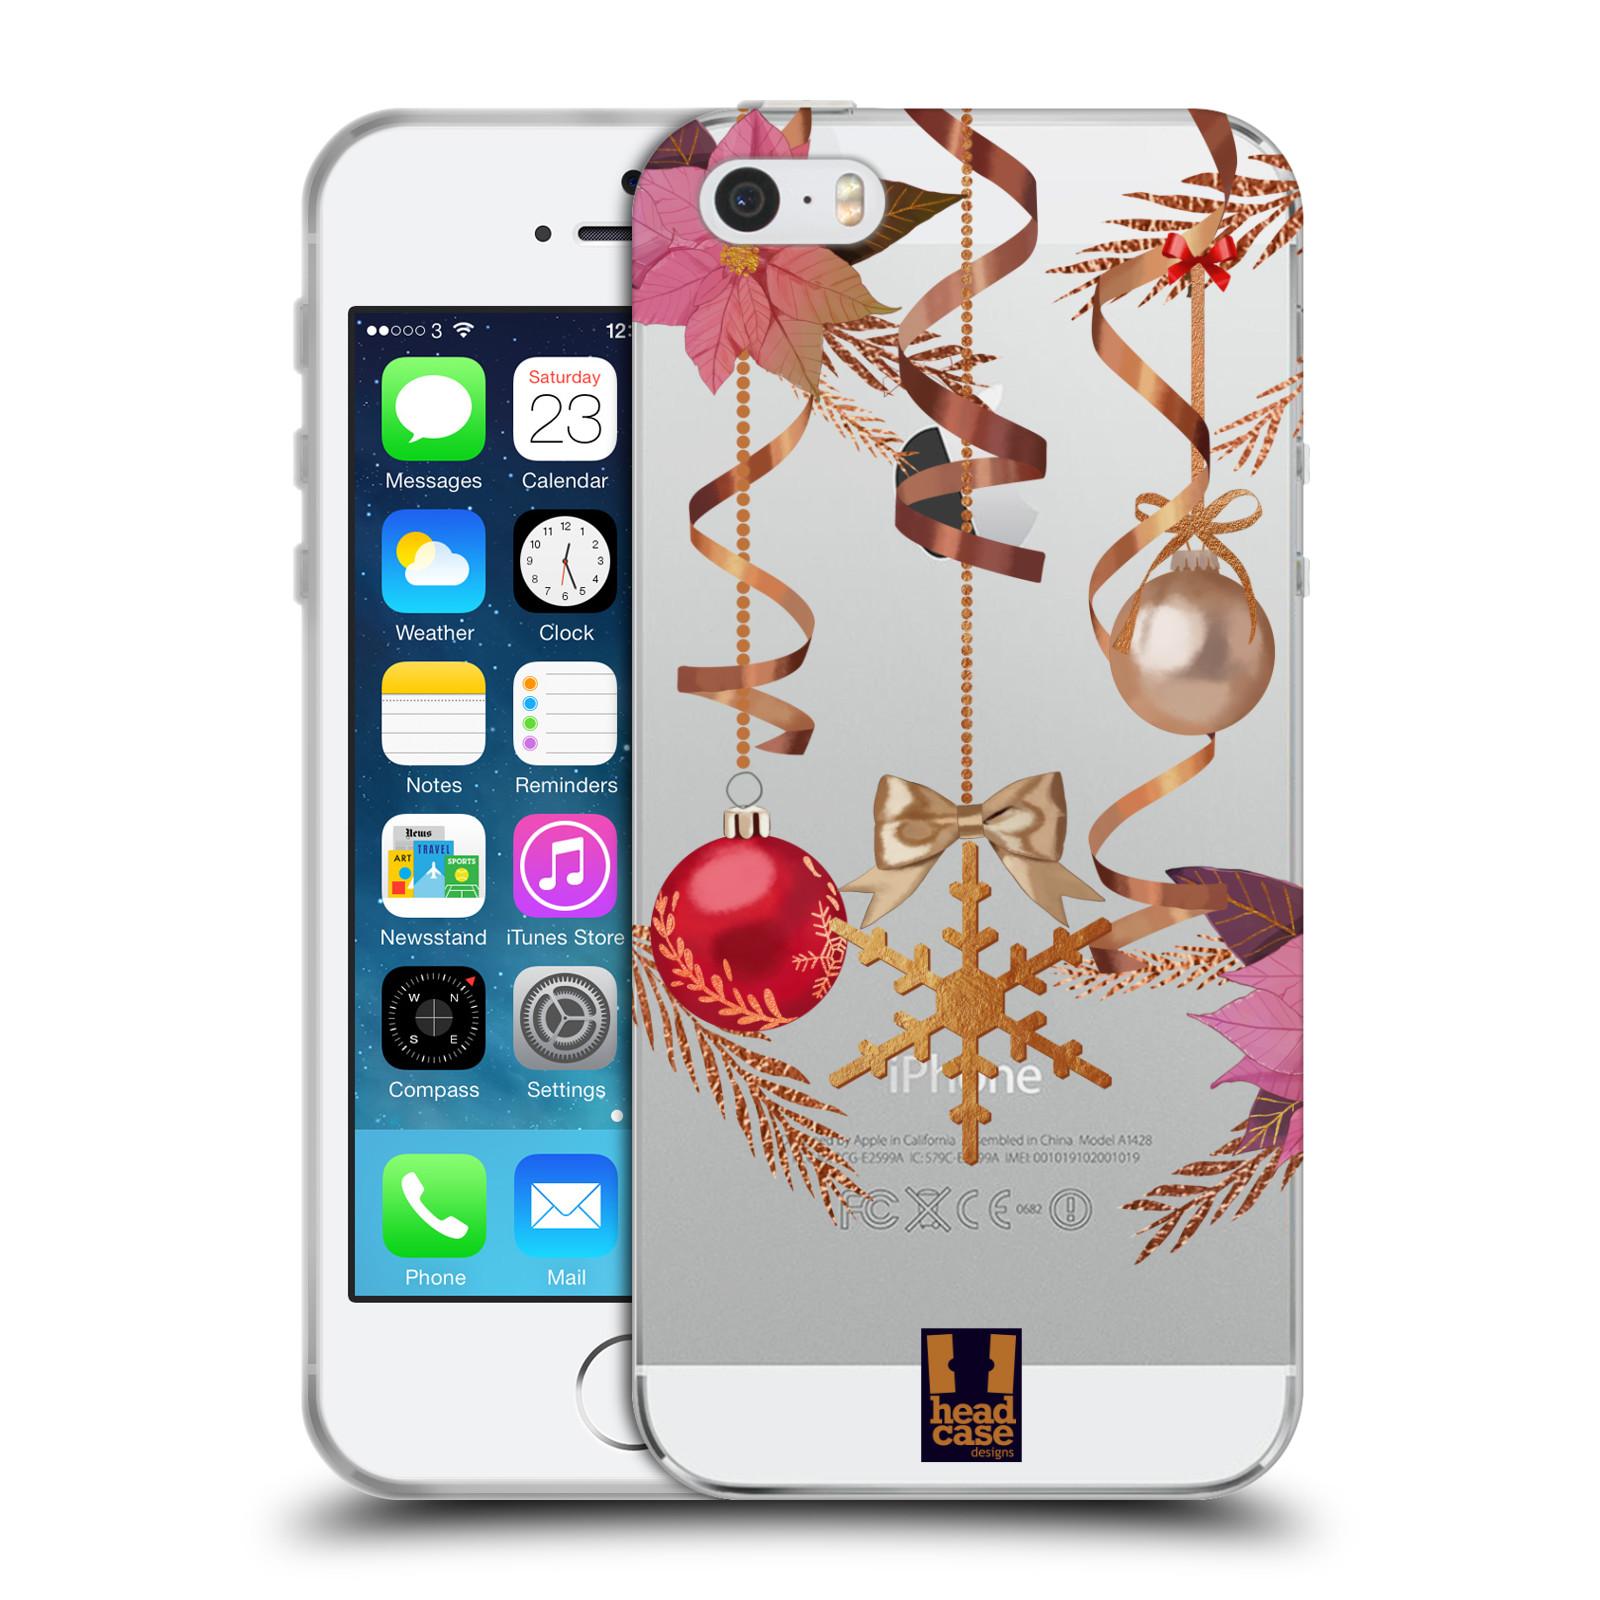 Silikonové pouzdro na mobil Apple iPhone 5, 5S, SE - Head Case - Vločka a vánoční ozdoby